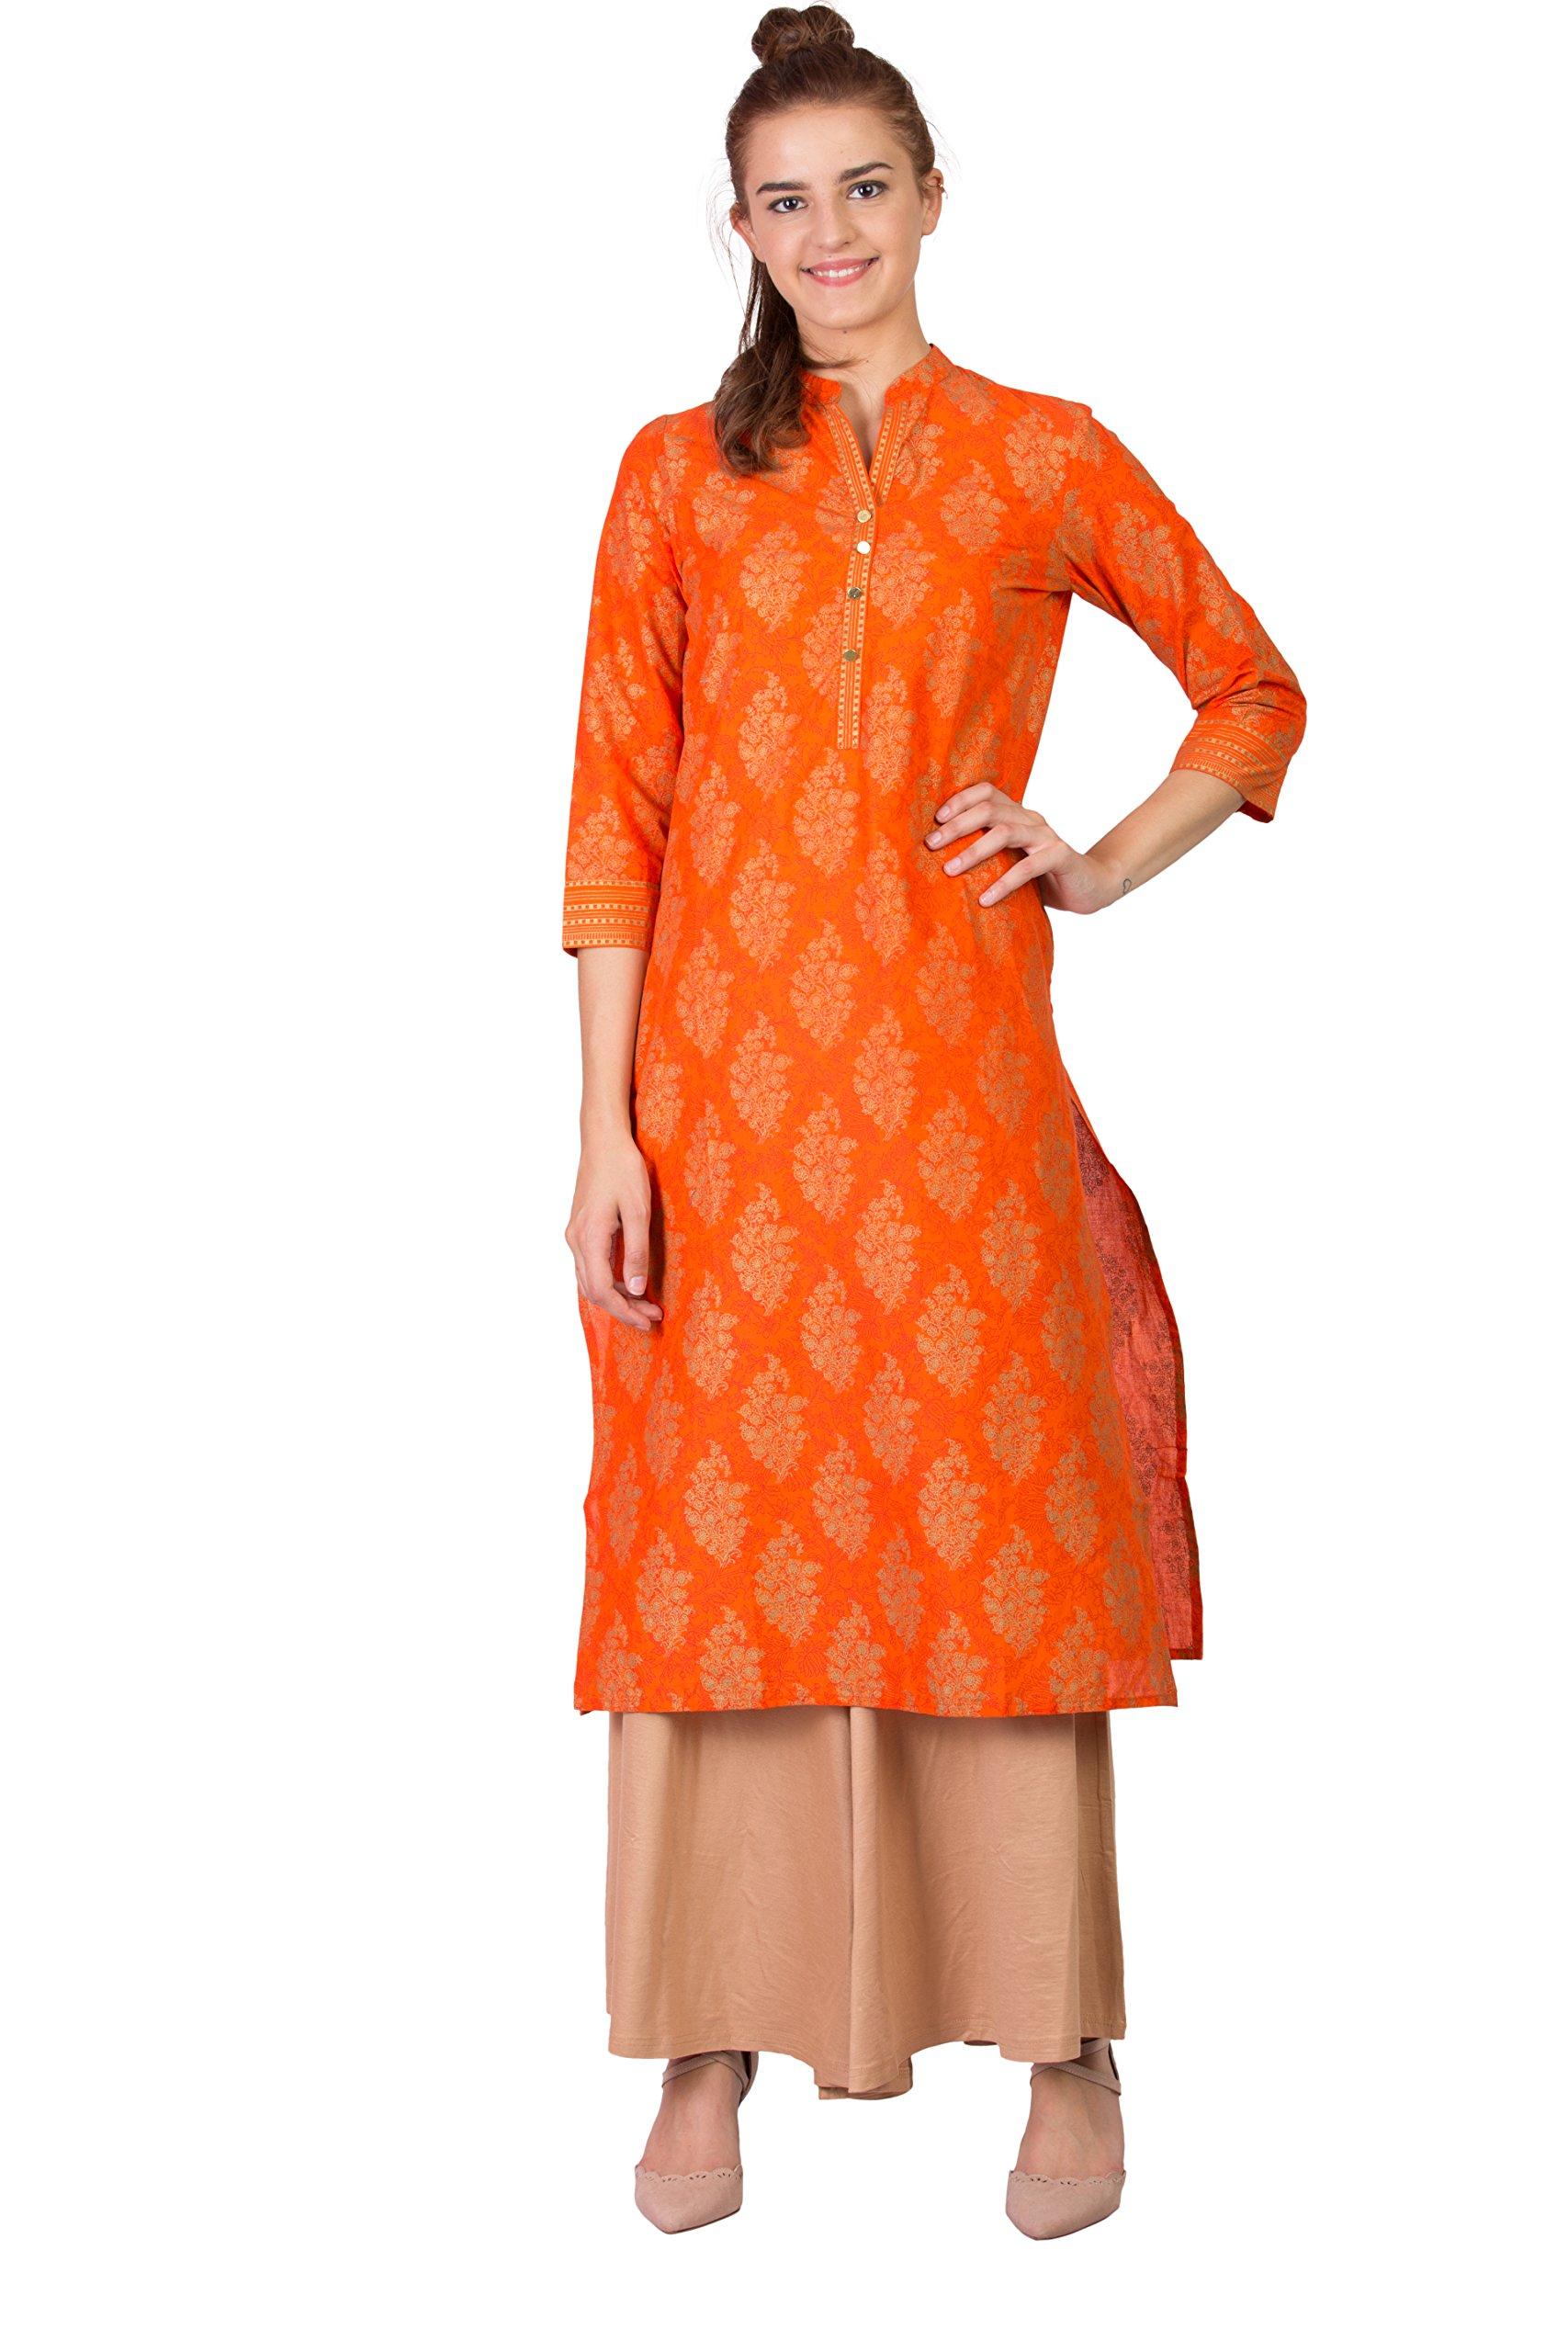 SABHYATA Women Kurta Designer Ethnic Long Dress Casual Tunic Kurti for Women Ladies Partywear Material 100% Pure Cotton Chinese Collar Medium Orange